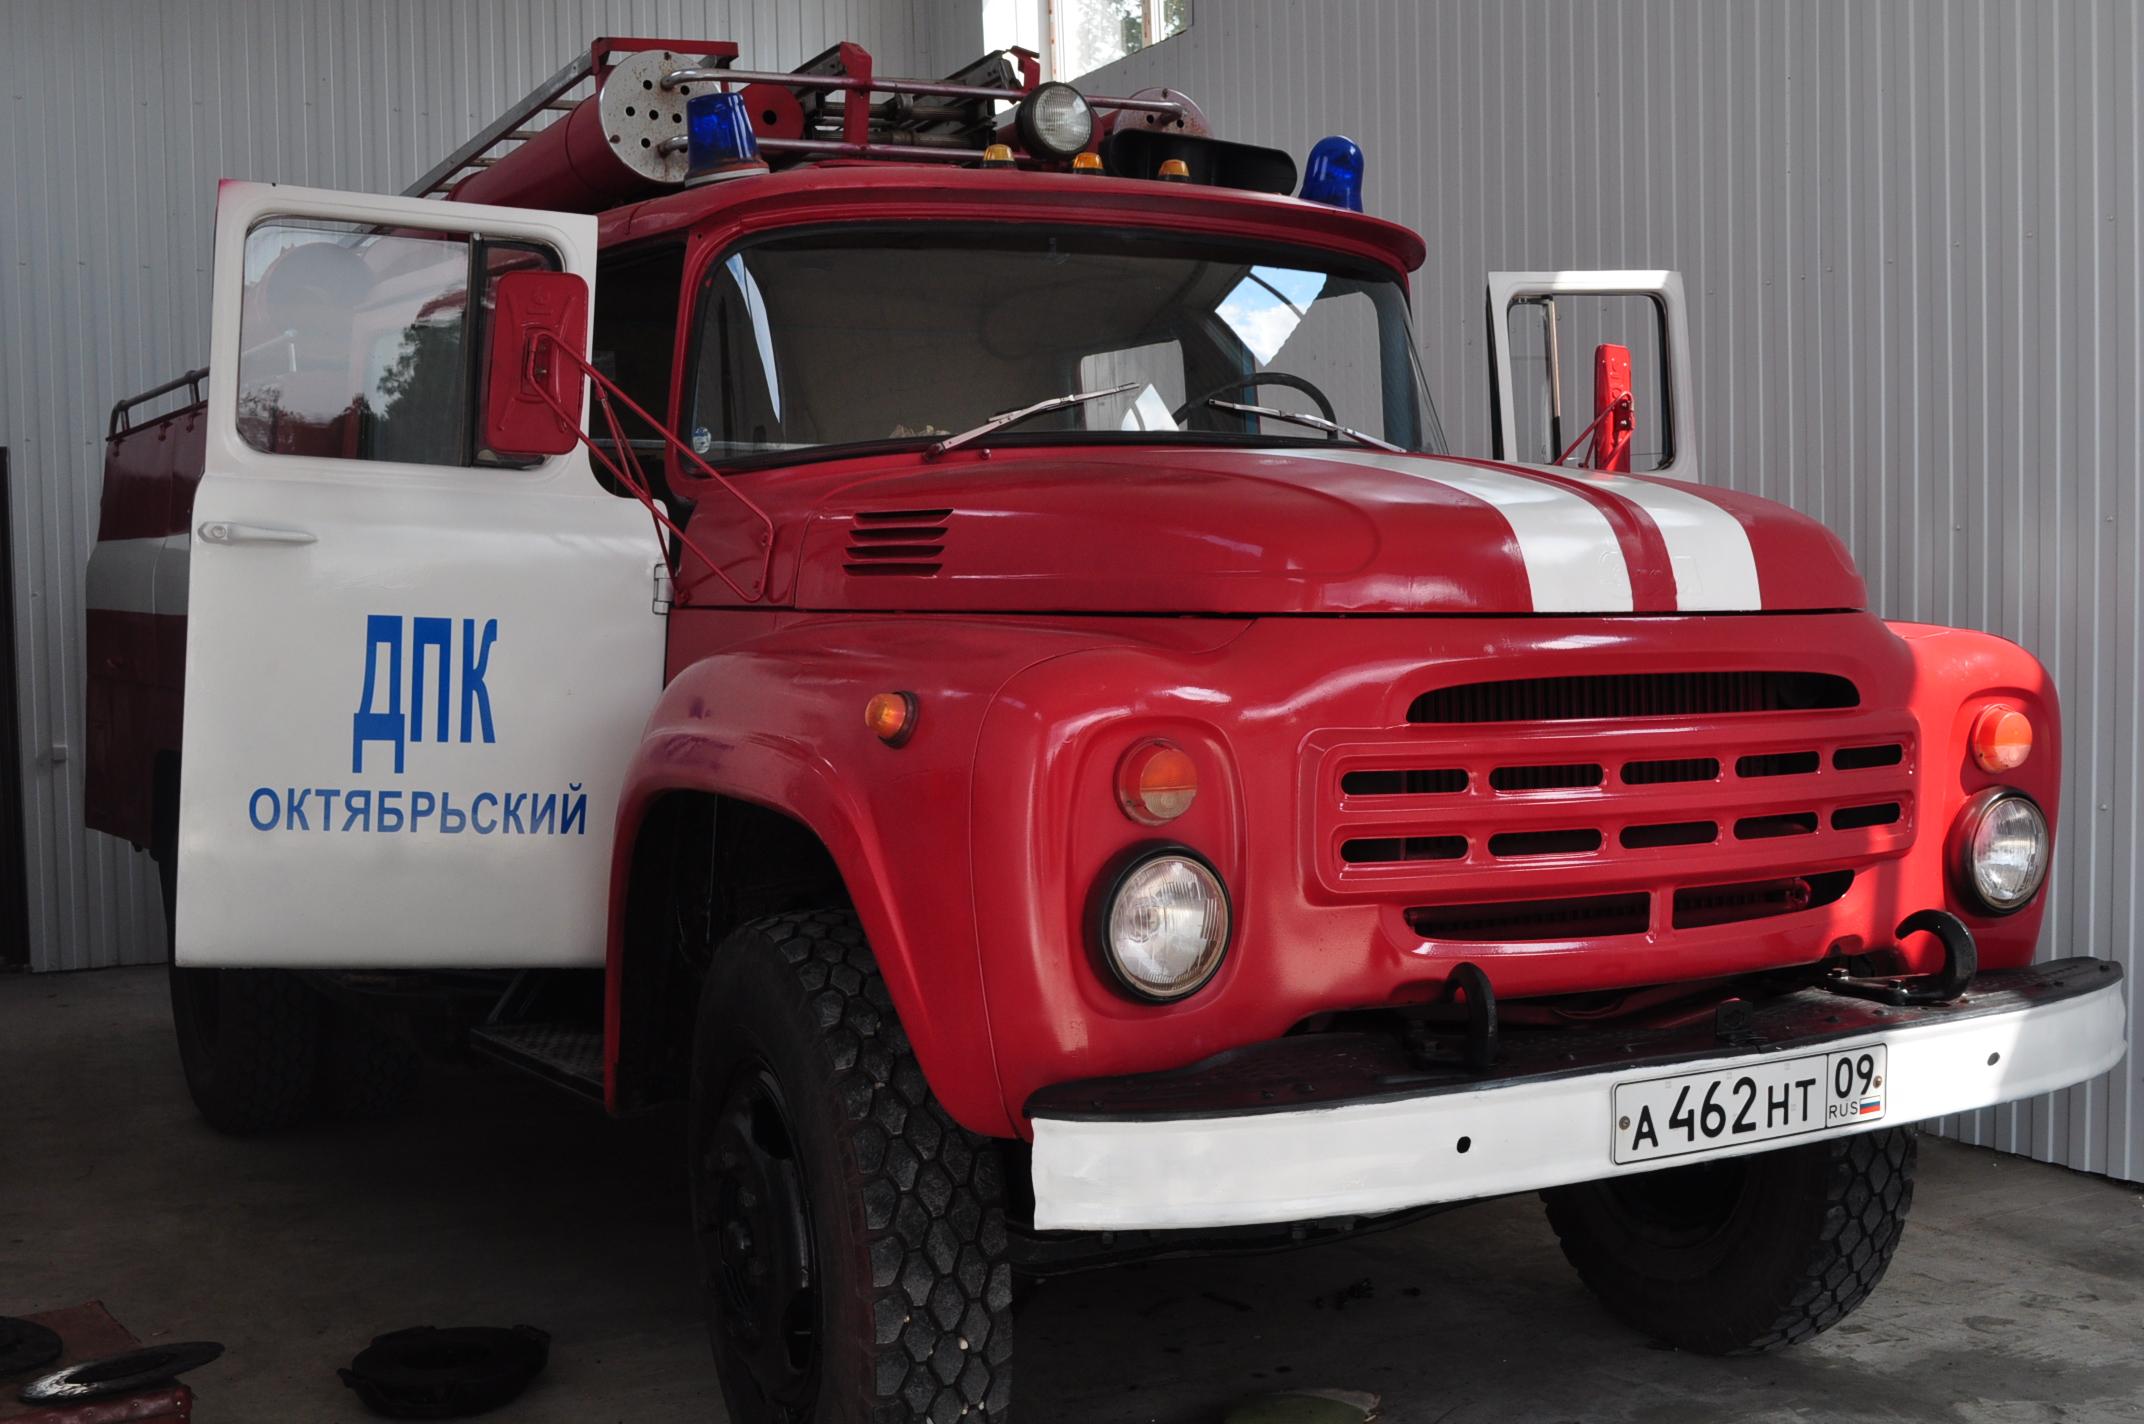 Пожарное добровольчество в Карачаево-Черкесии: опыт Прикубанского муниципального района